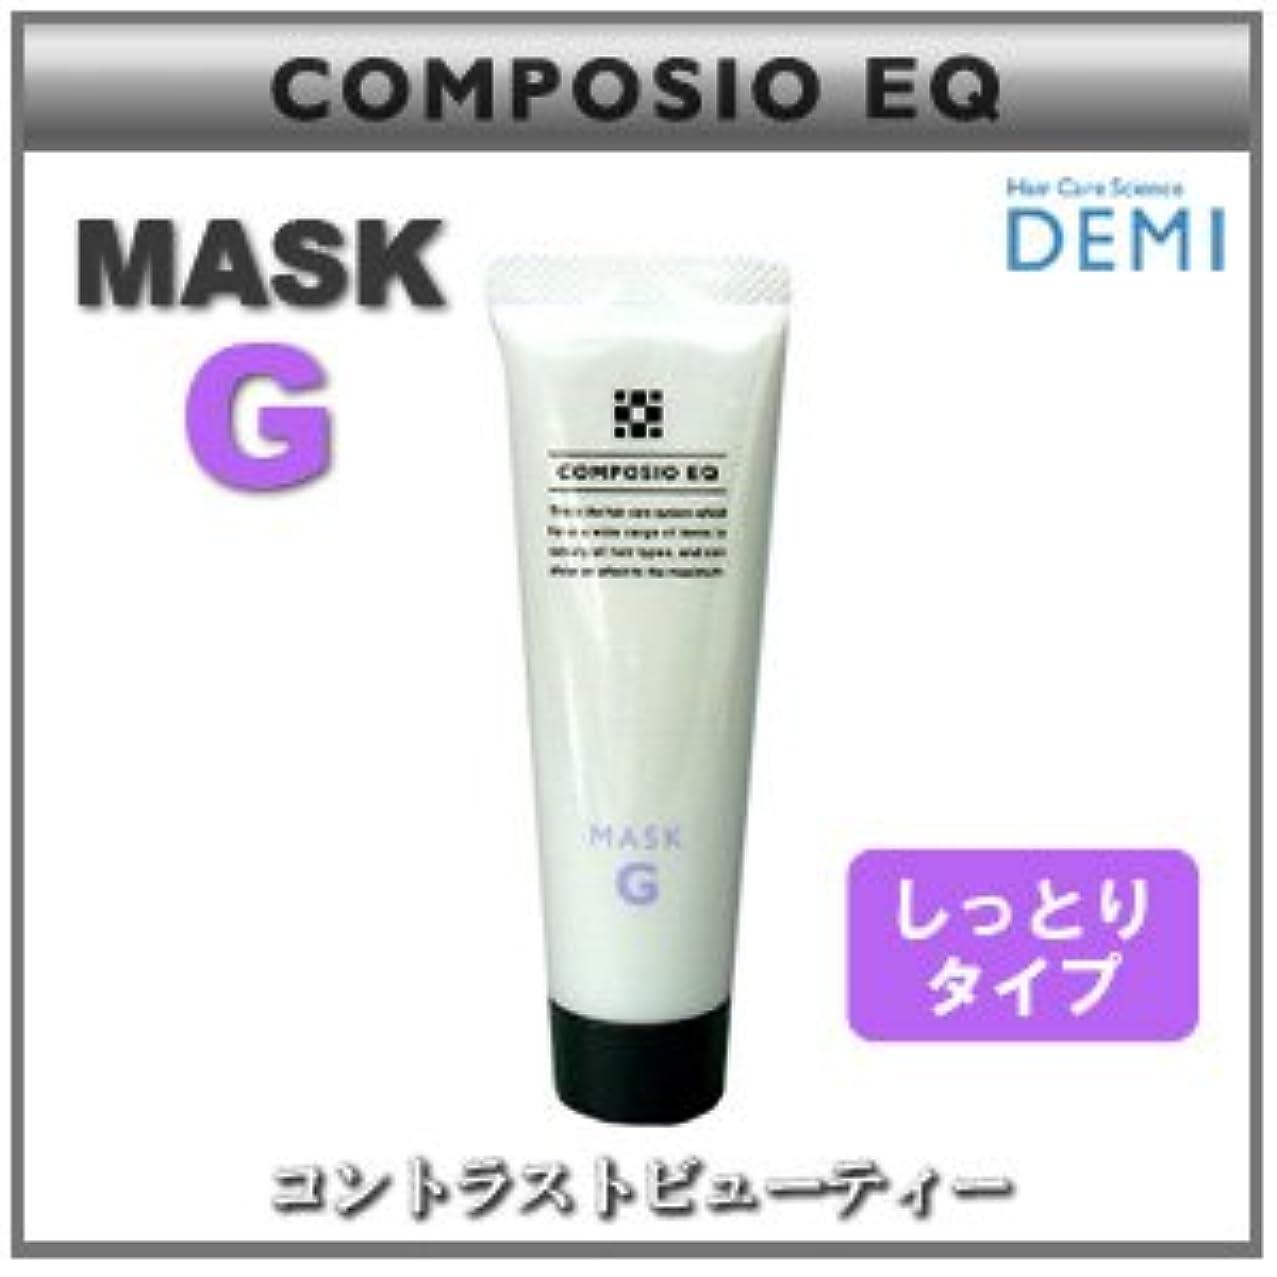 意識的悪因子薄い【X2個セット】 デミ コンポジオ EQ マスク G 50g